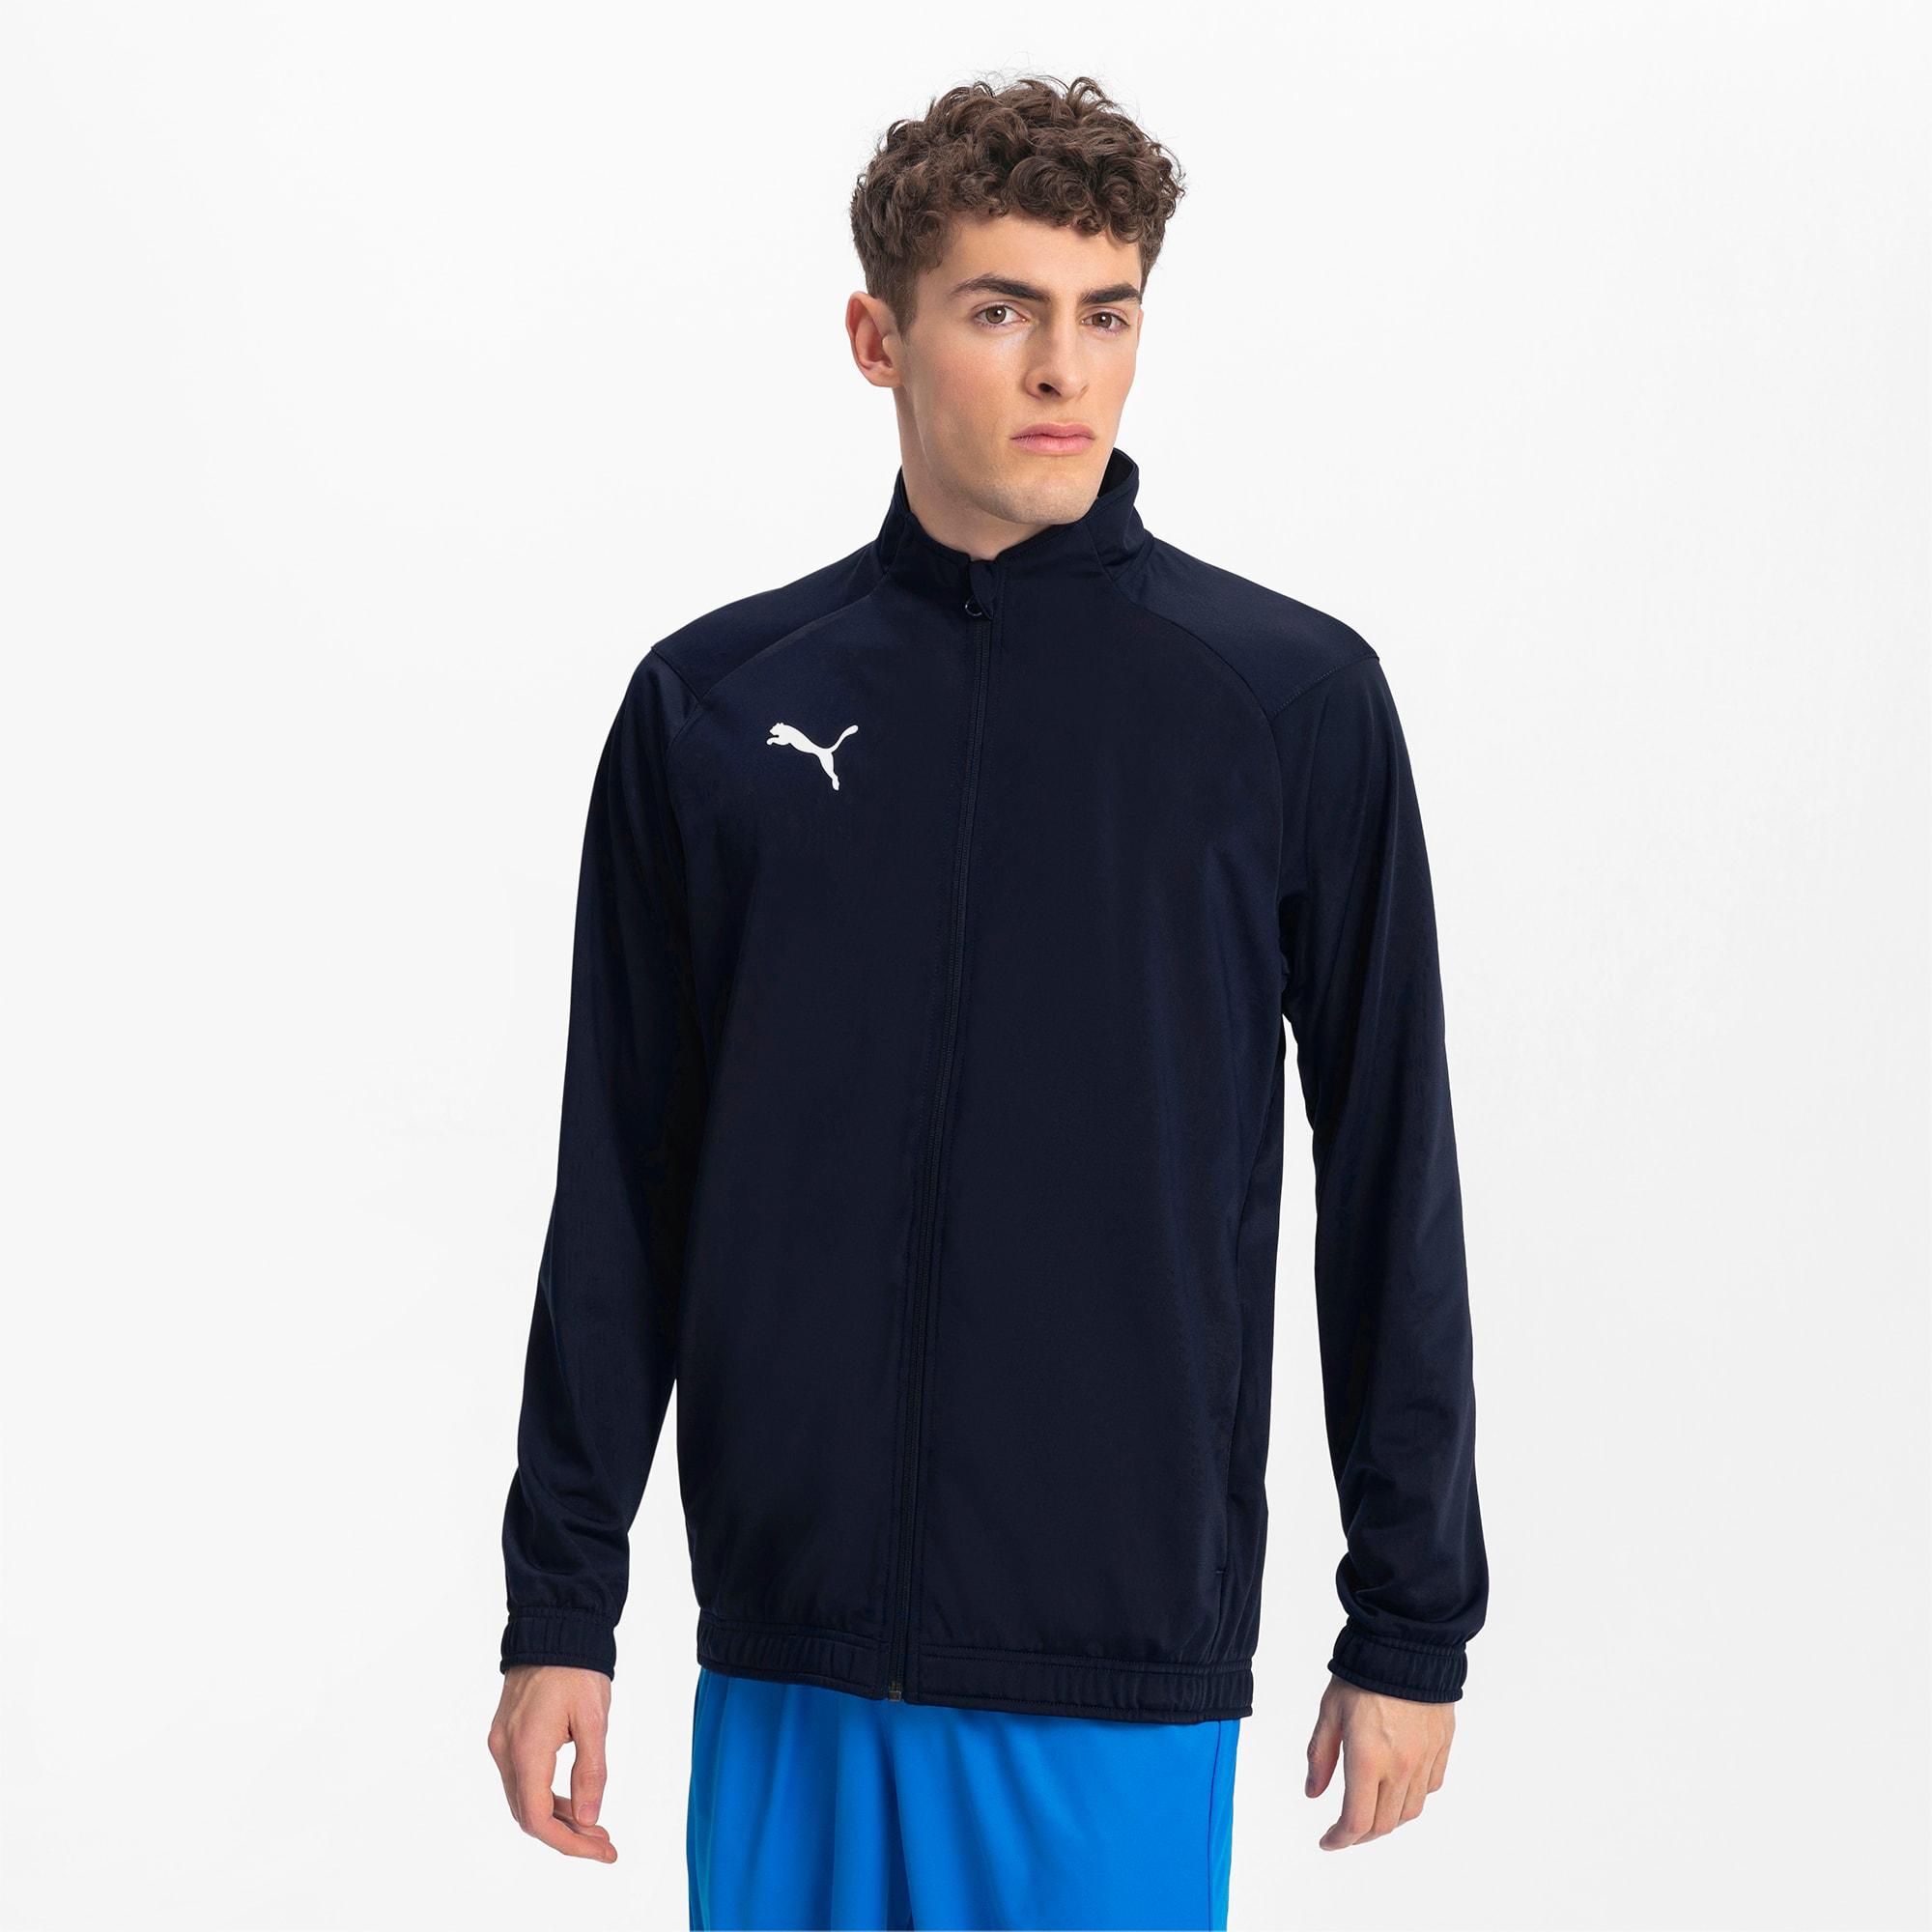 blouson de football liga sideline poly core pour homme, bleu/blanc, taille m, vêtements